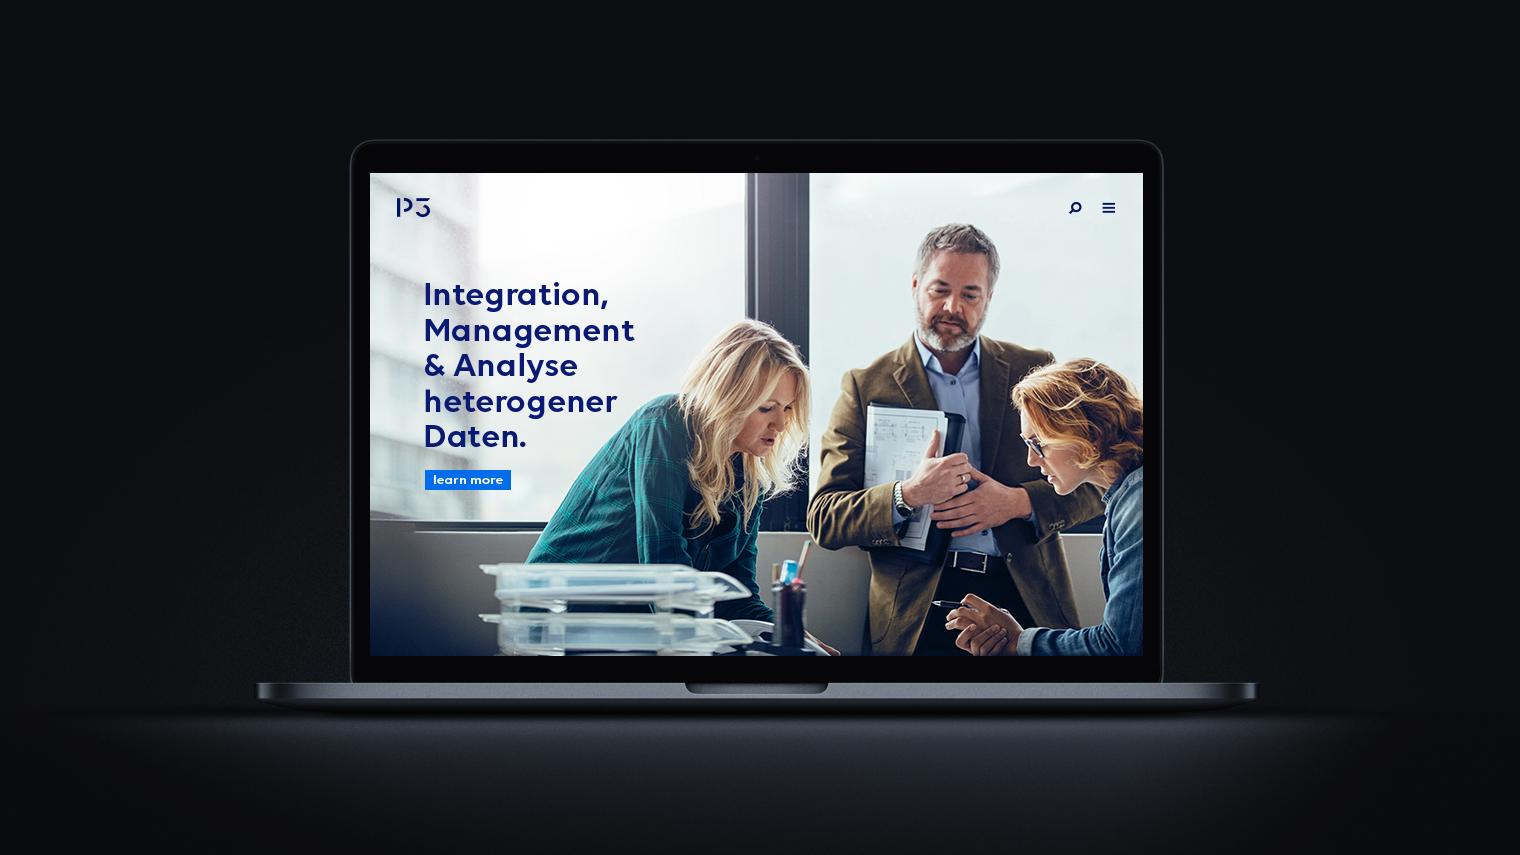 p3-branding-12